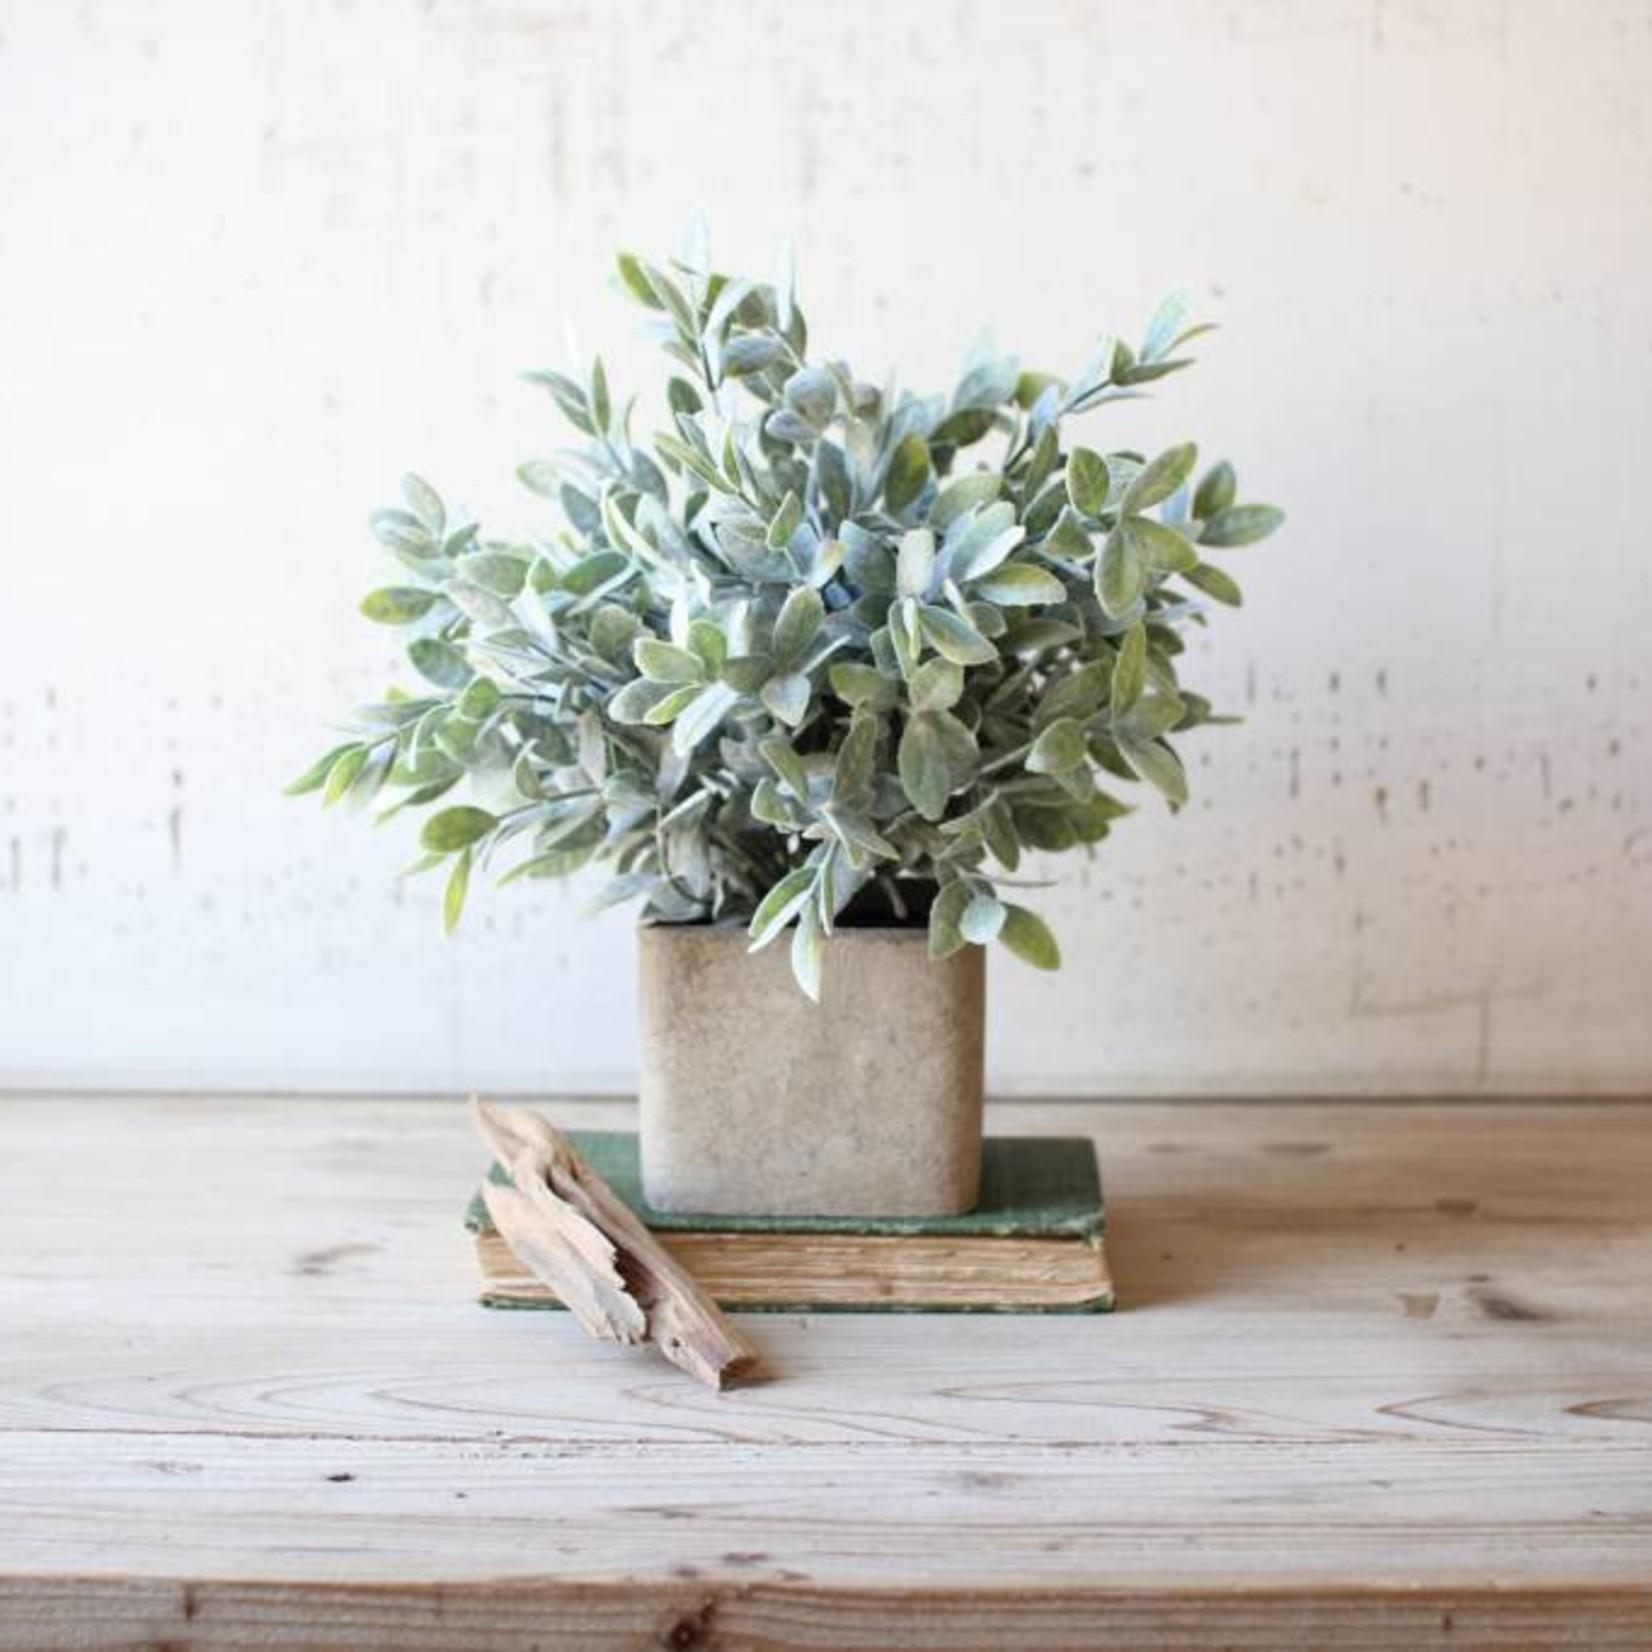 Artificial Sage Bush in a Square Pot